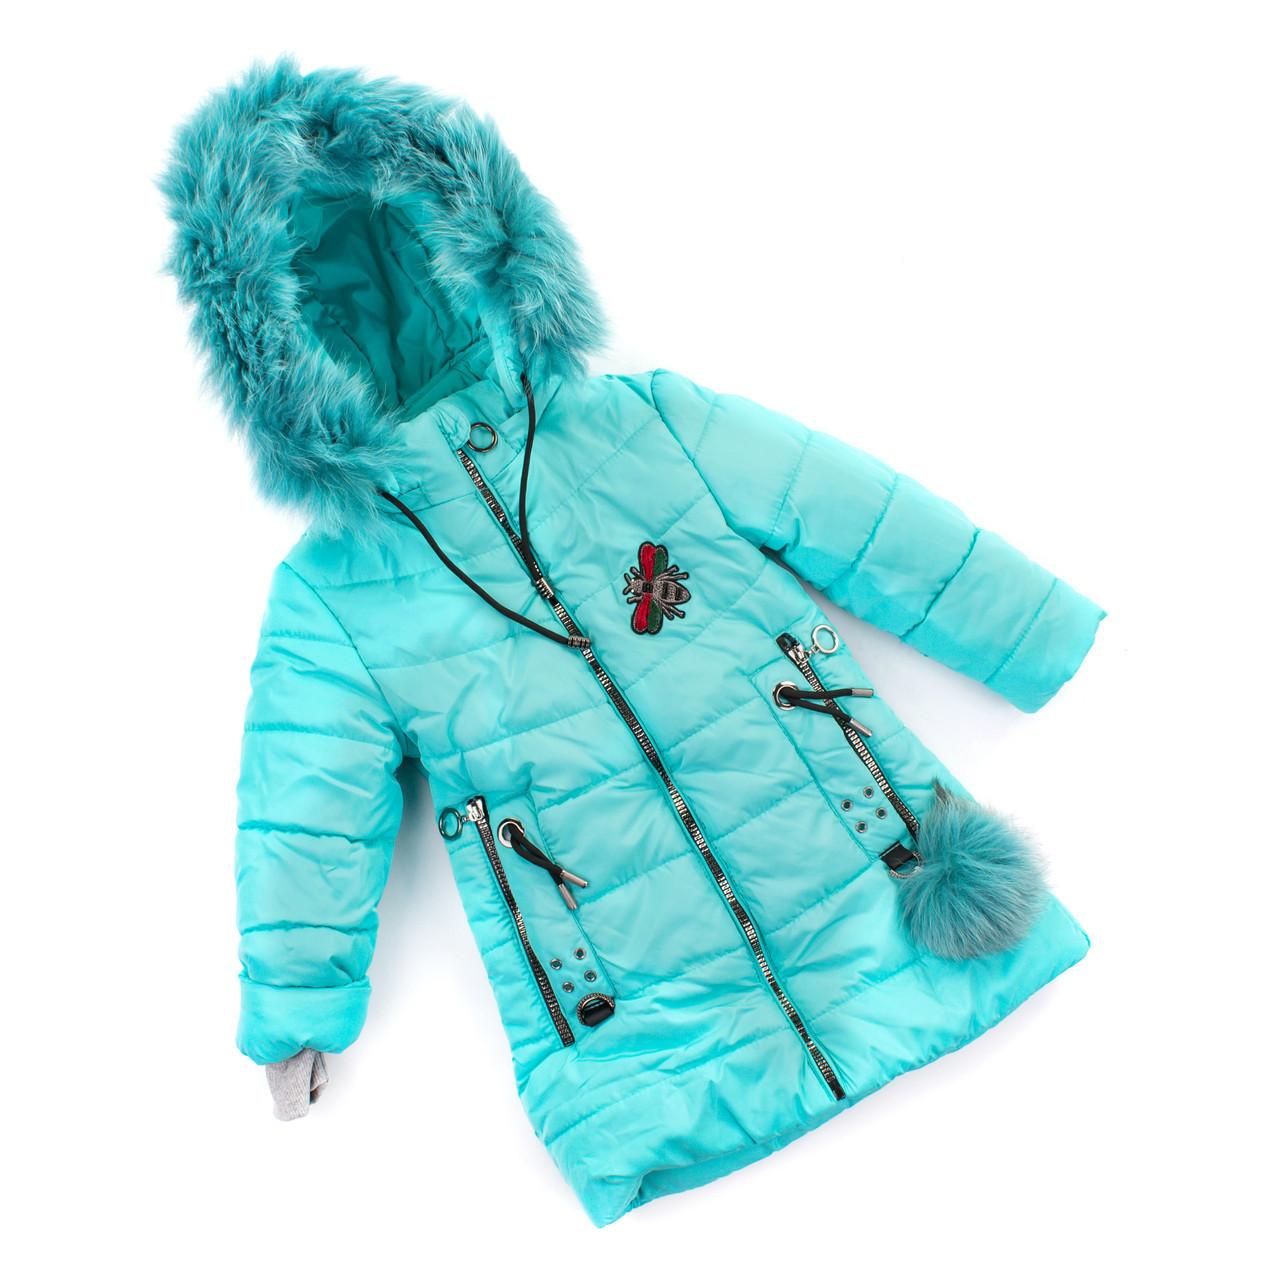 Детское зимние пальто для девочки  от производителя 28-36  бирюза